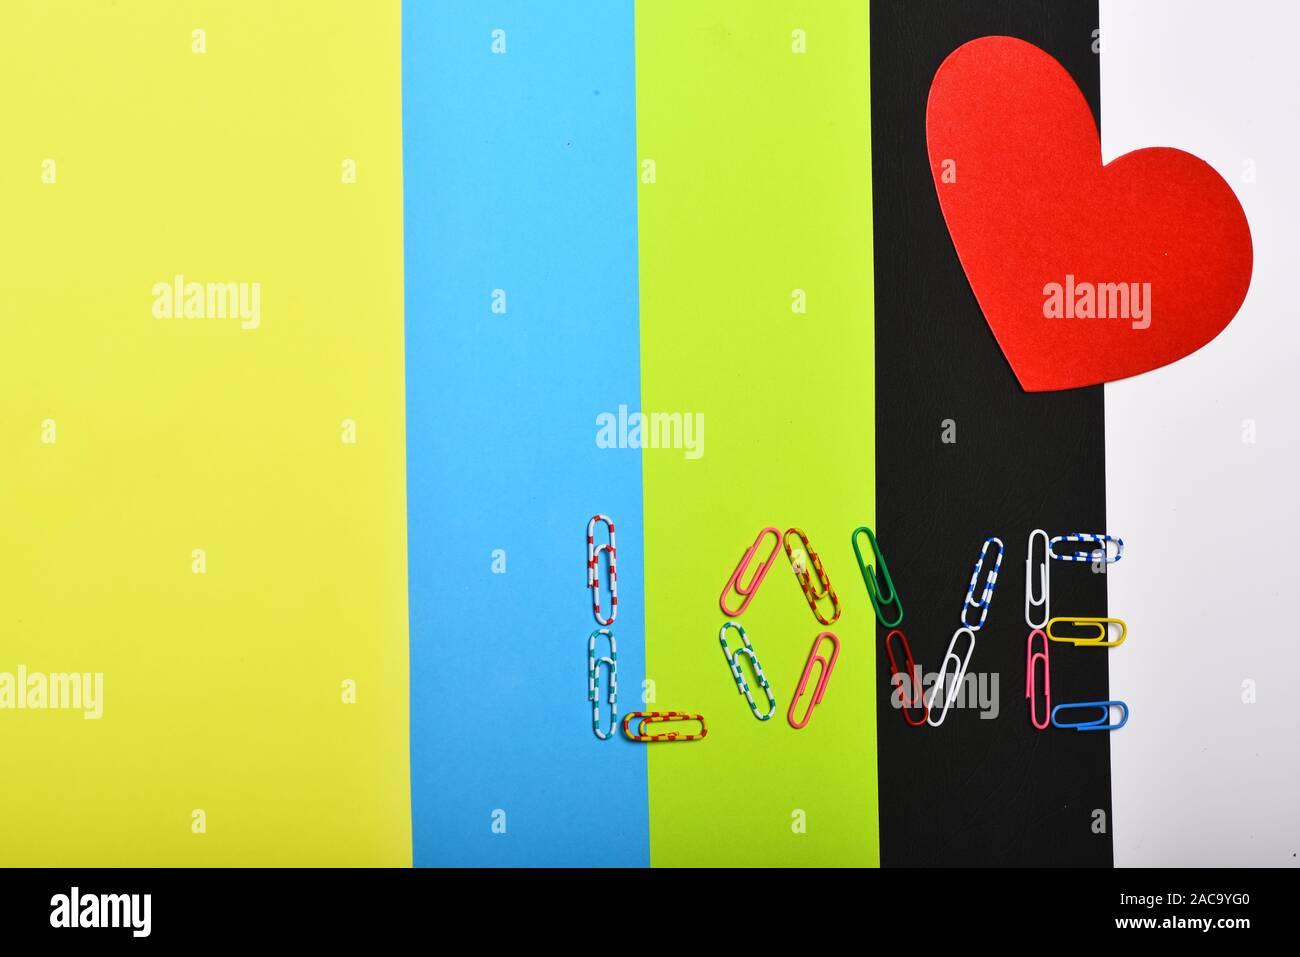 Carta rossa cuore su sfondo colorato, vista dall'alto. Amore e concetto di relazione. Valentines Day card con copia spazio. Carta colorata clip formando la parola AMORE. Foto Stock